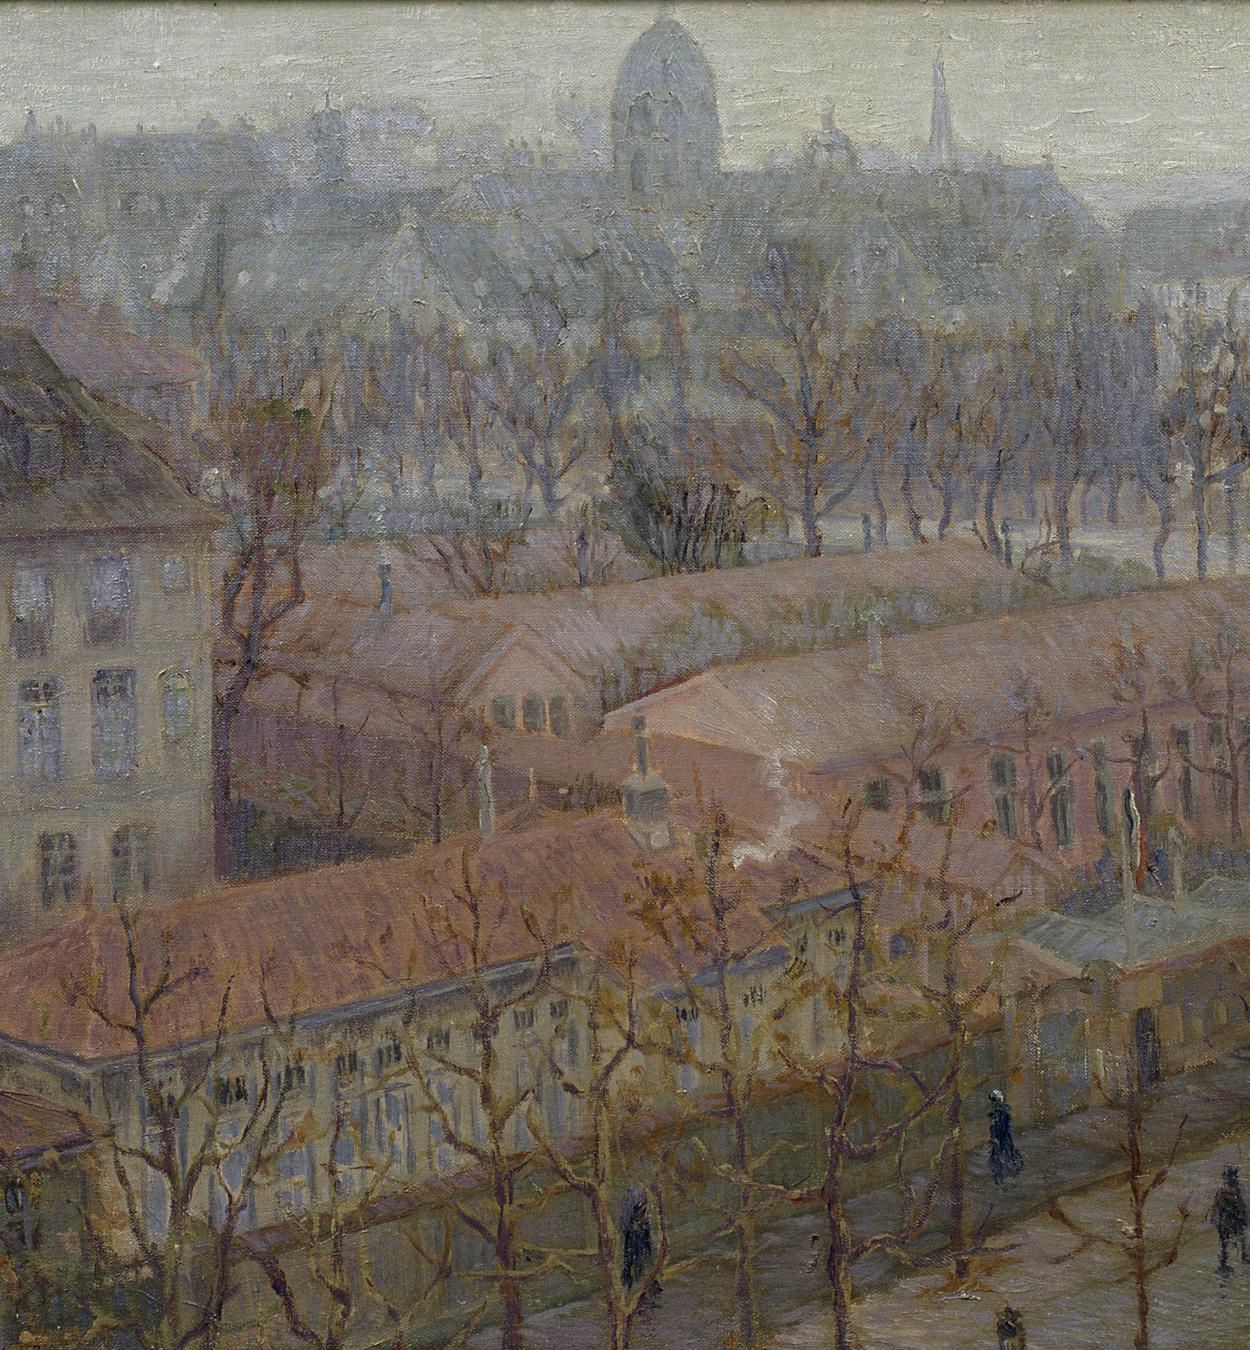 Marià Pidelaserra - Un trozo de París a vista de pájaro (Invierno: día nebuloso) - París, 1900